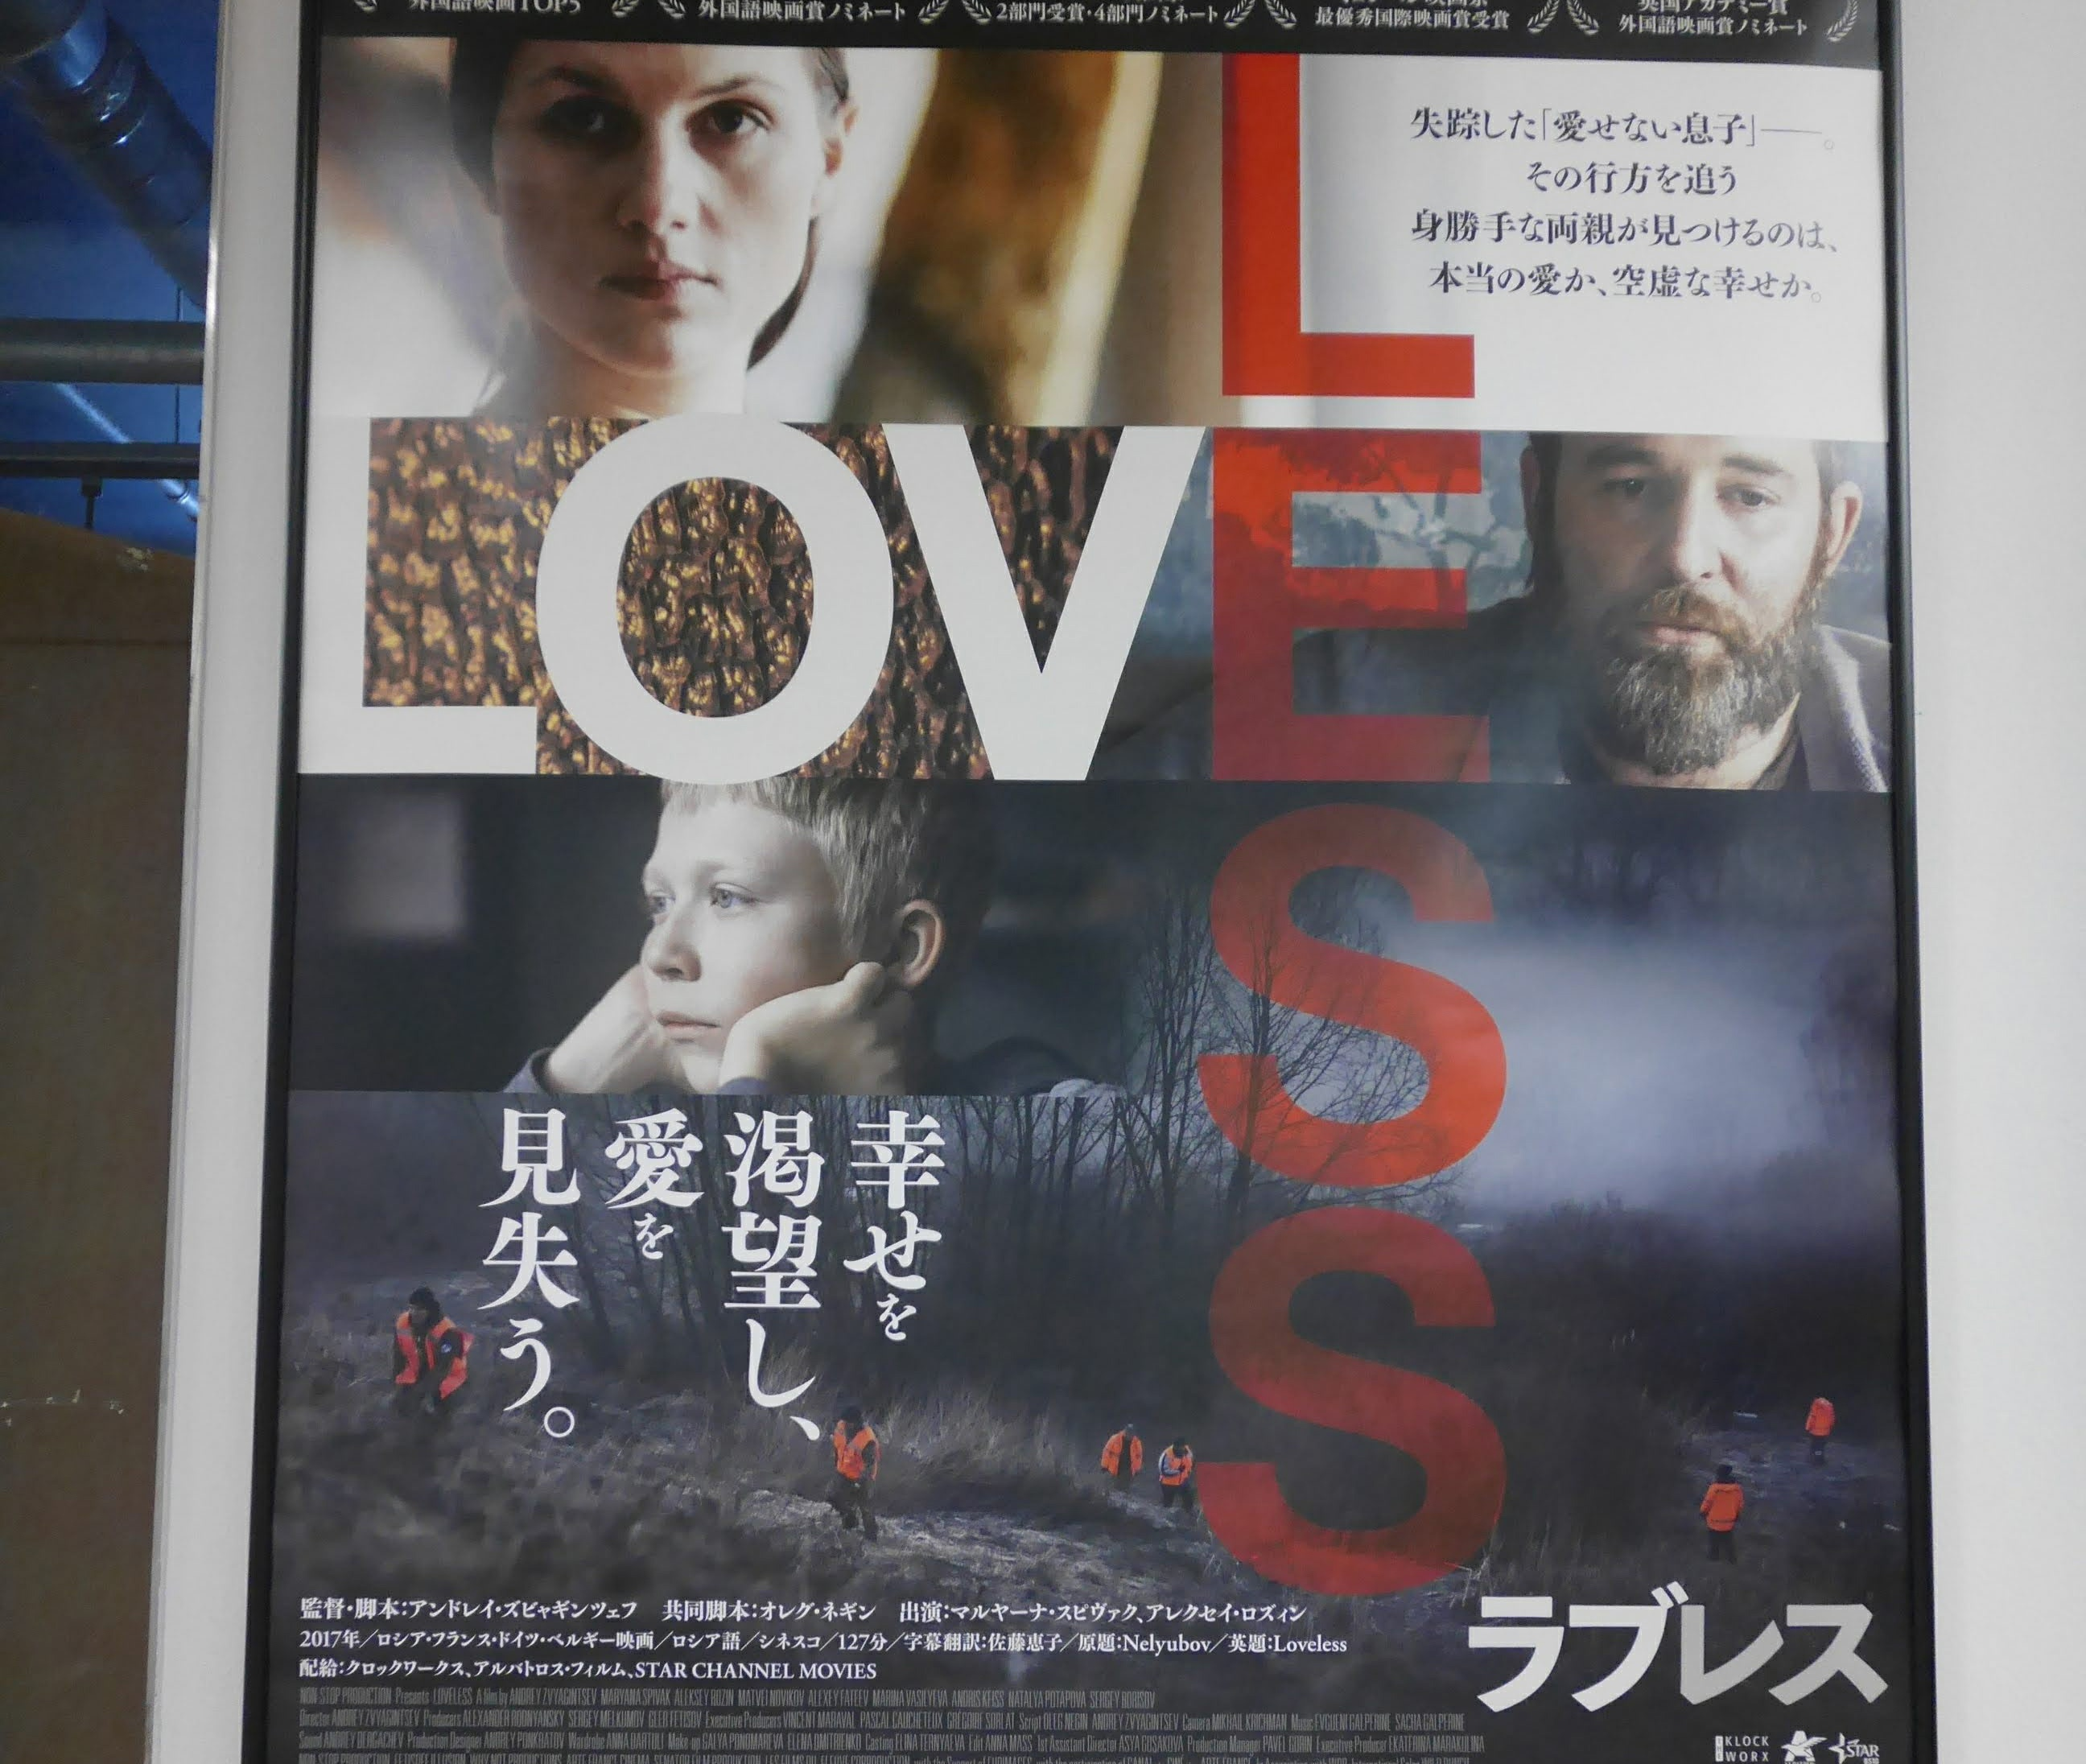 画像:ロシア映画「LOVELESS」観に行った